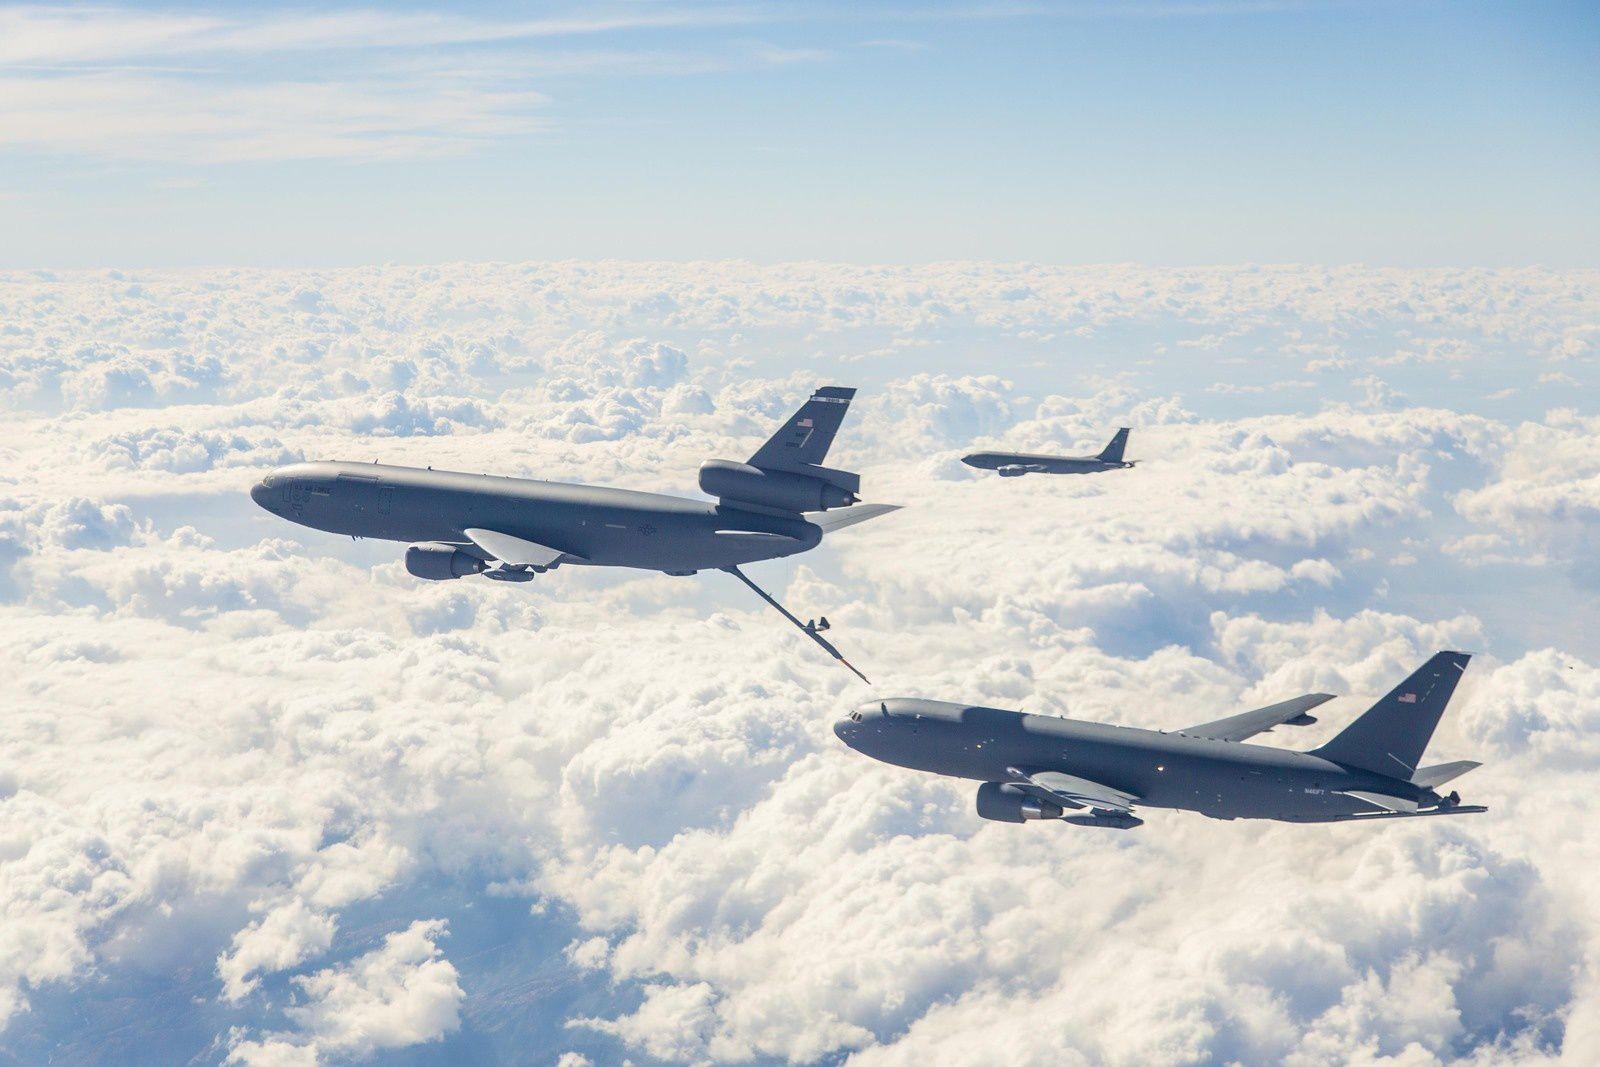 Les Etats-Unis entament la production en série du ravitailleur KC-46A Pegasus